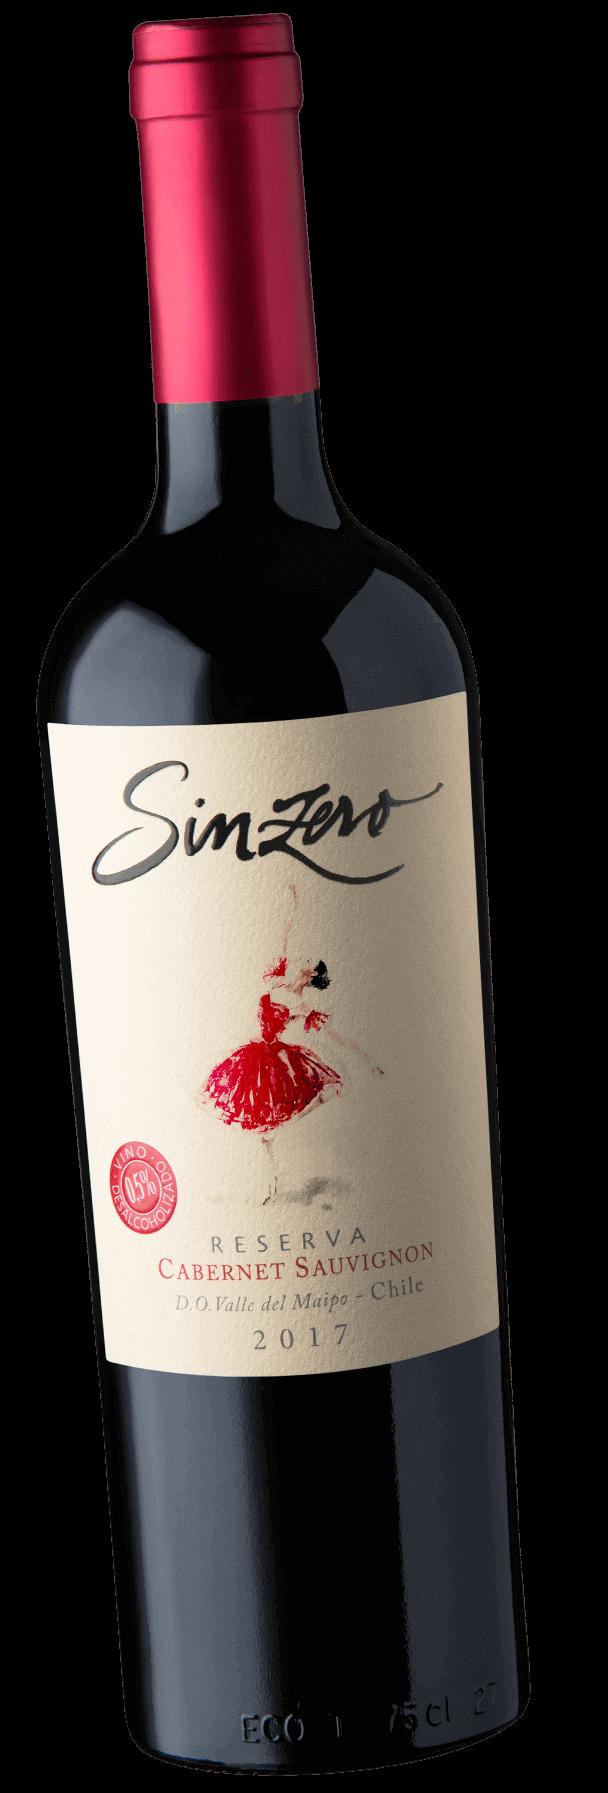 Sinzero - Botella